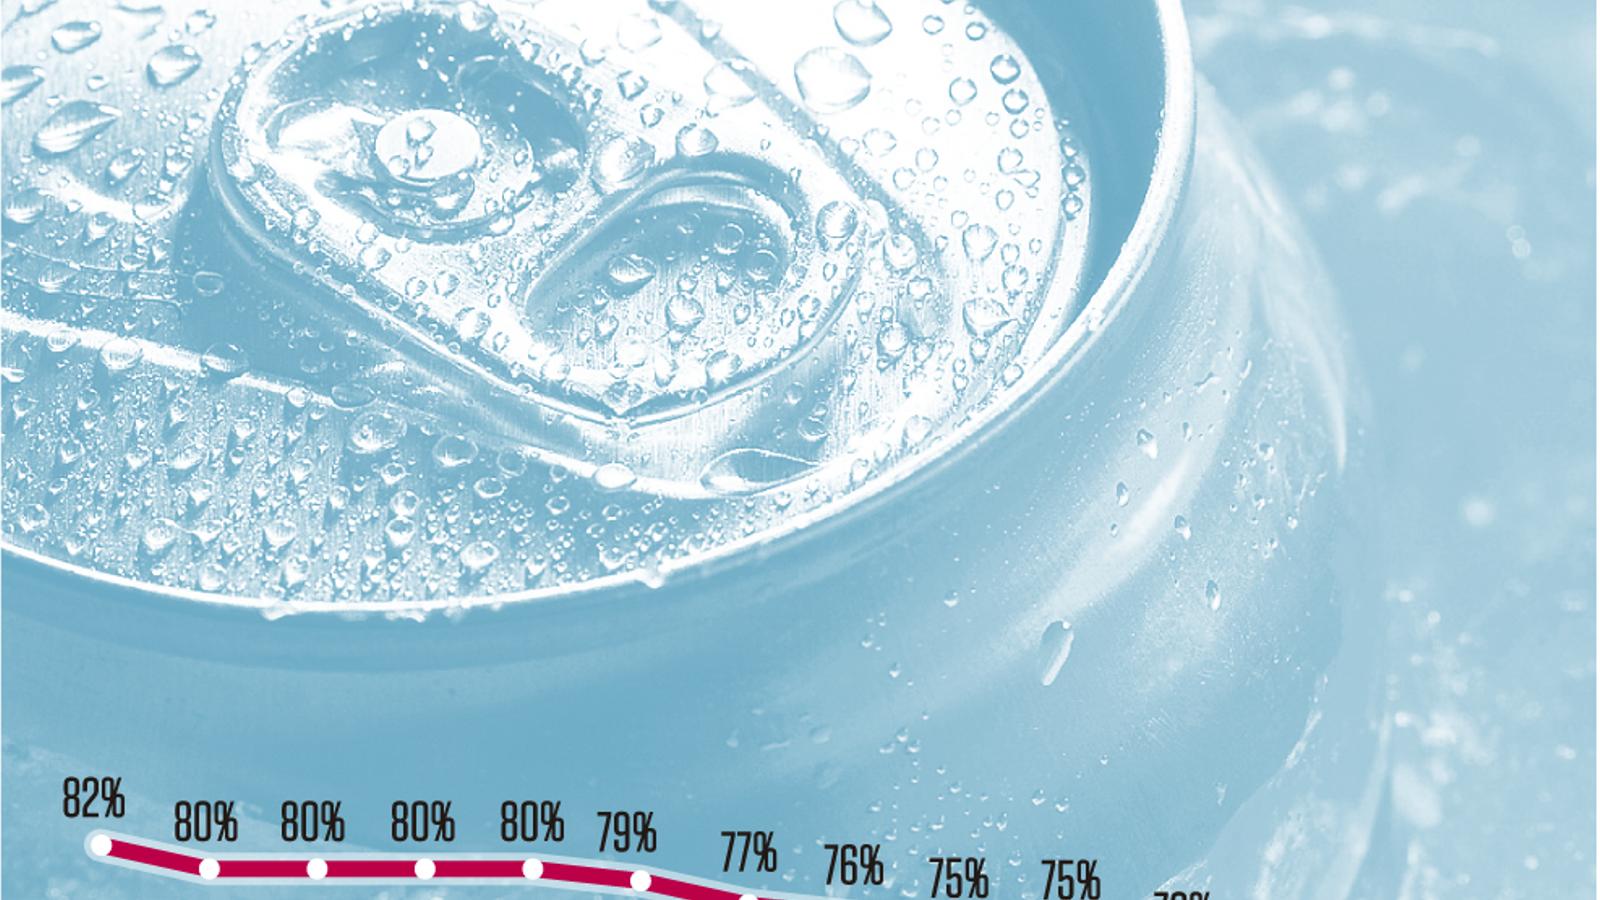 Un terç dels refrescos que es venen ja són sense sucre